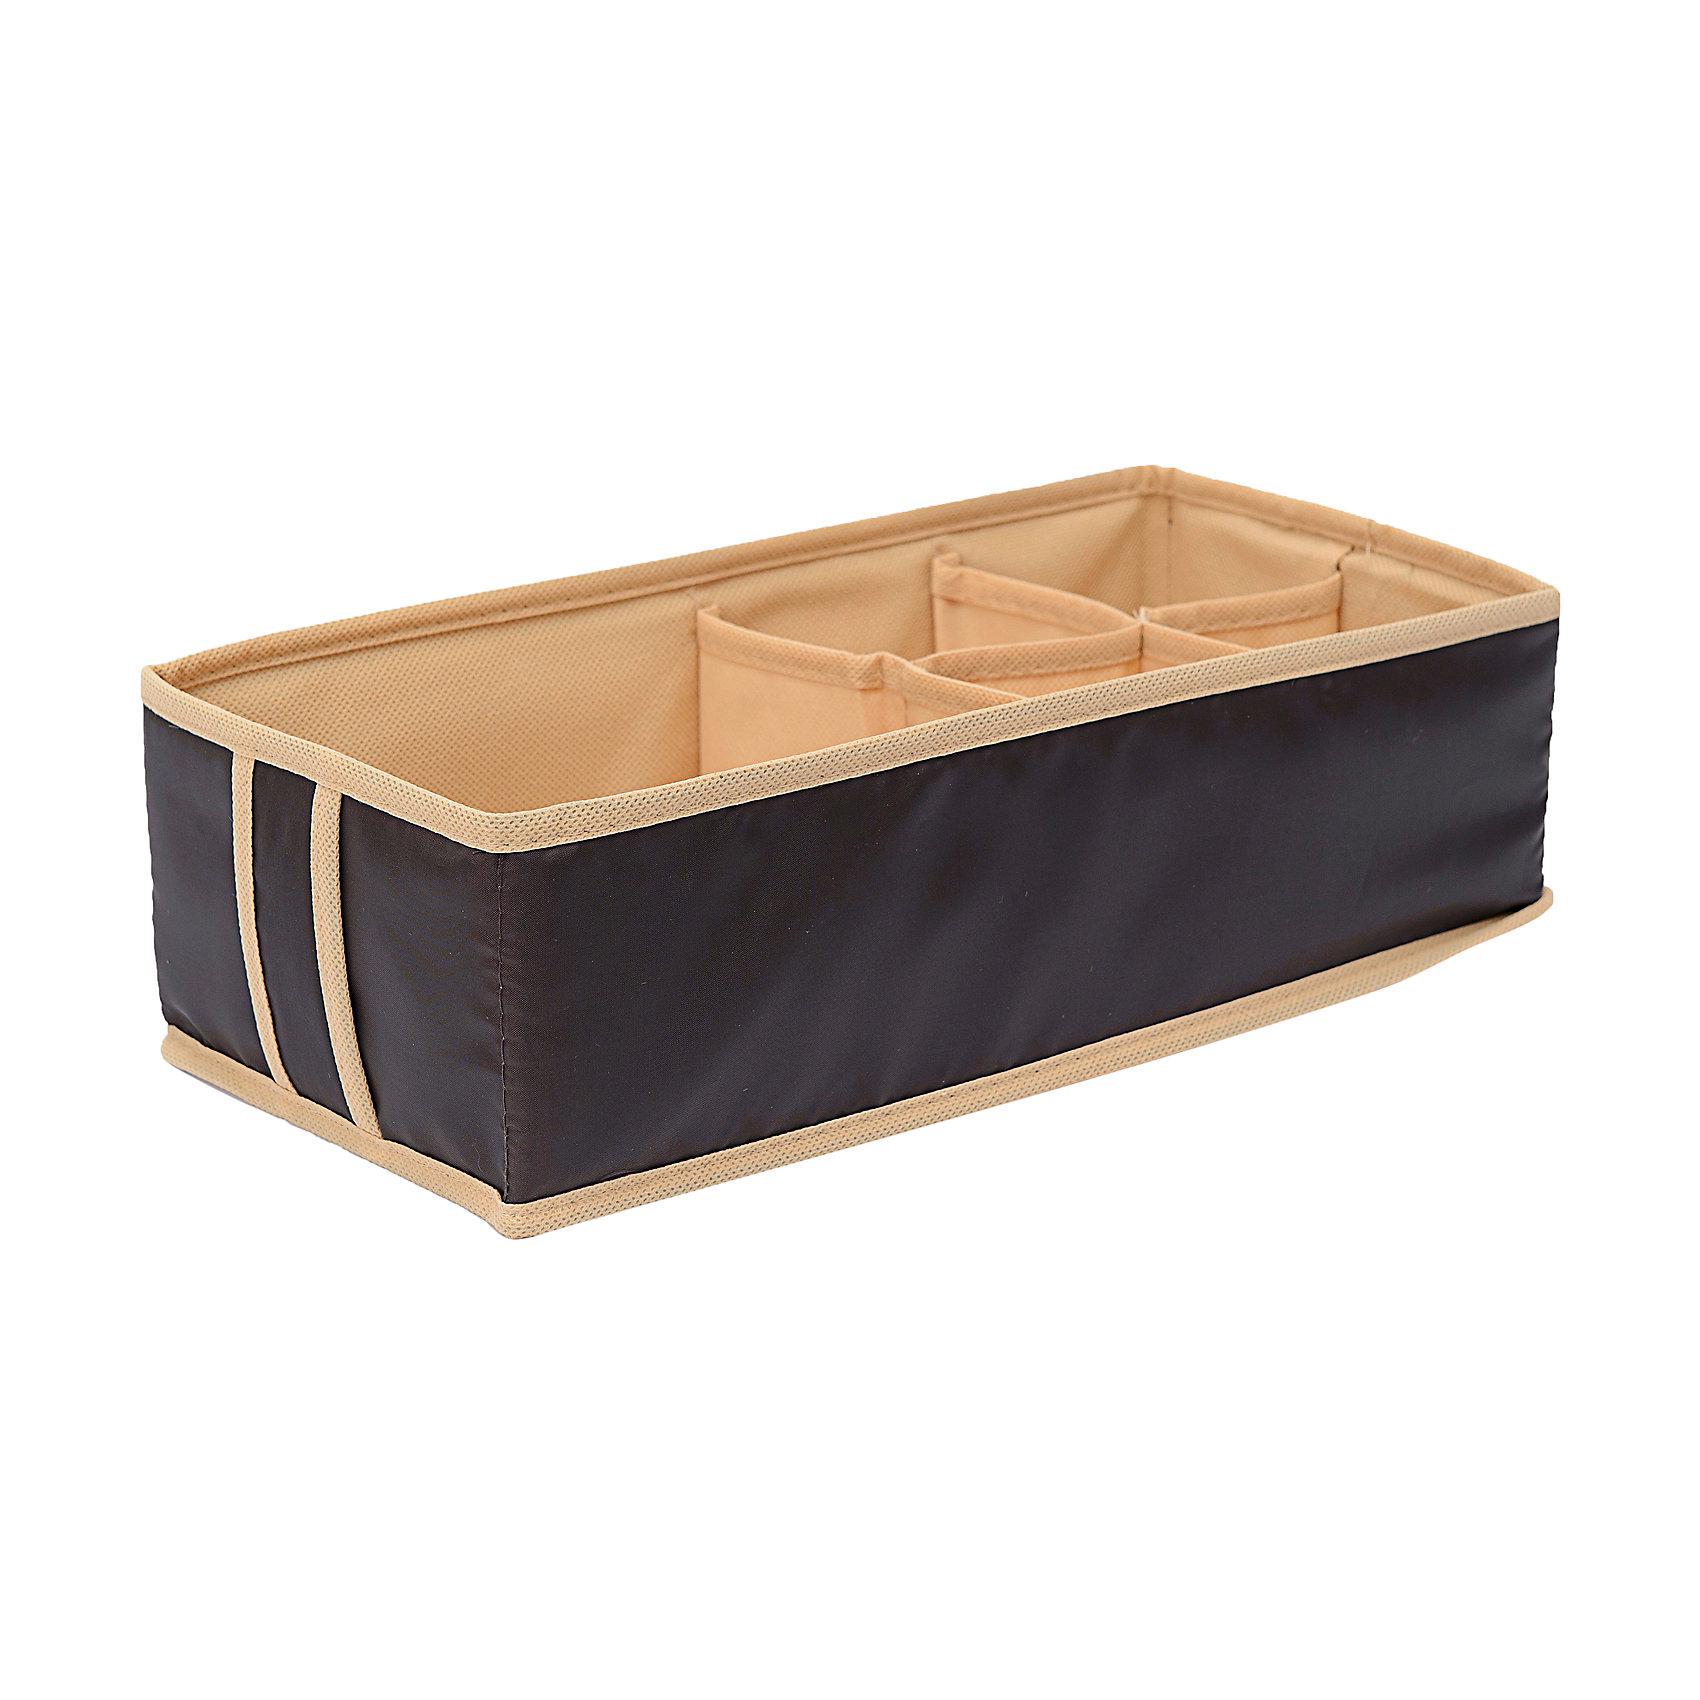 Органайзер на 4+1 секций Costa-Rica, HomsuПорядок в детской<br>Характеристики товара:<br><br>• цвет: коричневый<br>• материал: спанбонд, картон, ПВХ<br>• размер: 33х16х11 см<br>• вес: 100 г<br>• легкий прочный каркас<br>• обеспечивает естественную вентиляцию<br>• есть ручка<br>• вместимость: 5 отделений<br>• страна бренда: Россия<br>• страна изготовитель: Китай<br><br>Органайзер на 4+1 секций Costa-Rica от бренда Homsu (Хомсу) - очень удобная вещь для хранения вещей и эргономичной организации пространства.<br><br>Он легкий, устойчивый, вместительный, обеспечивает естественную вентиляцию.<br><br>Органайзер на 4+1 секций Costa-Rica, Homsu можно купить в нашем интернет-магазине.<br><br>Ширина мм: 475<br>Глубина мм: 100<br>Высота мм: 10<br>Вес г: 100<br>Возраст от месяцев: 216<br>Возраст до месяцев: 1188<br>Пол: Унисекс<br>Возраст: Детский<br>SKU: 5620223